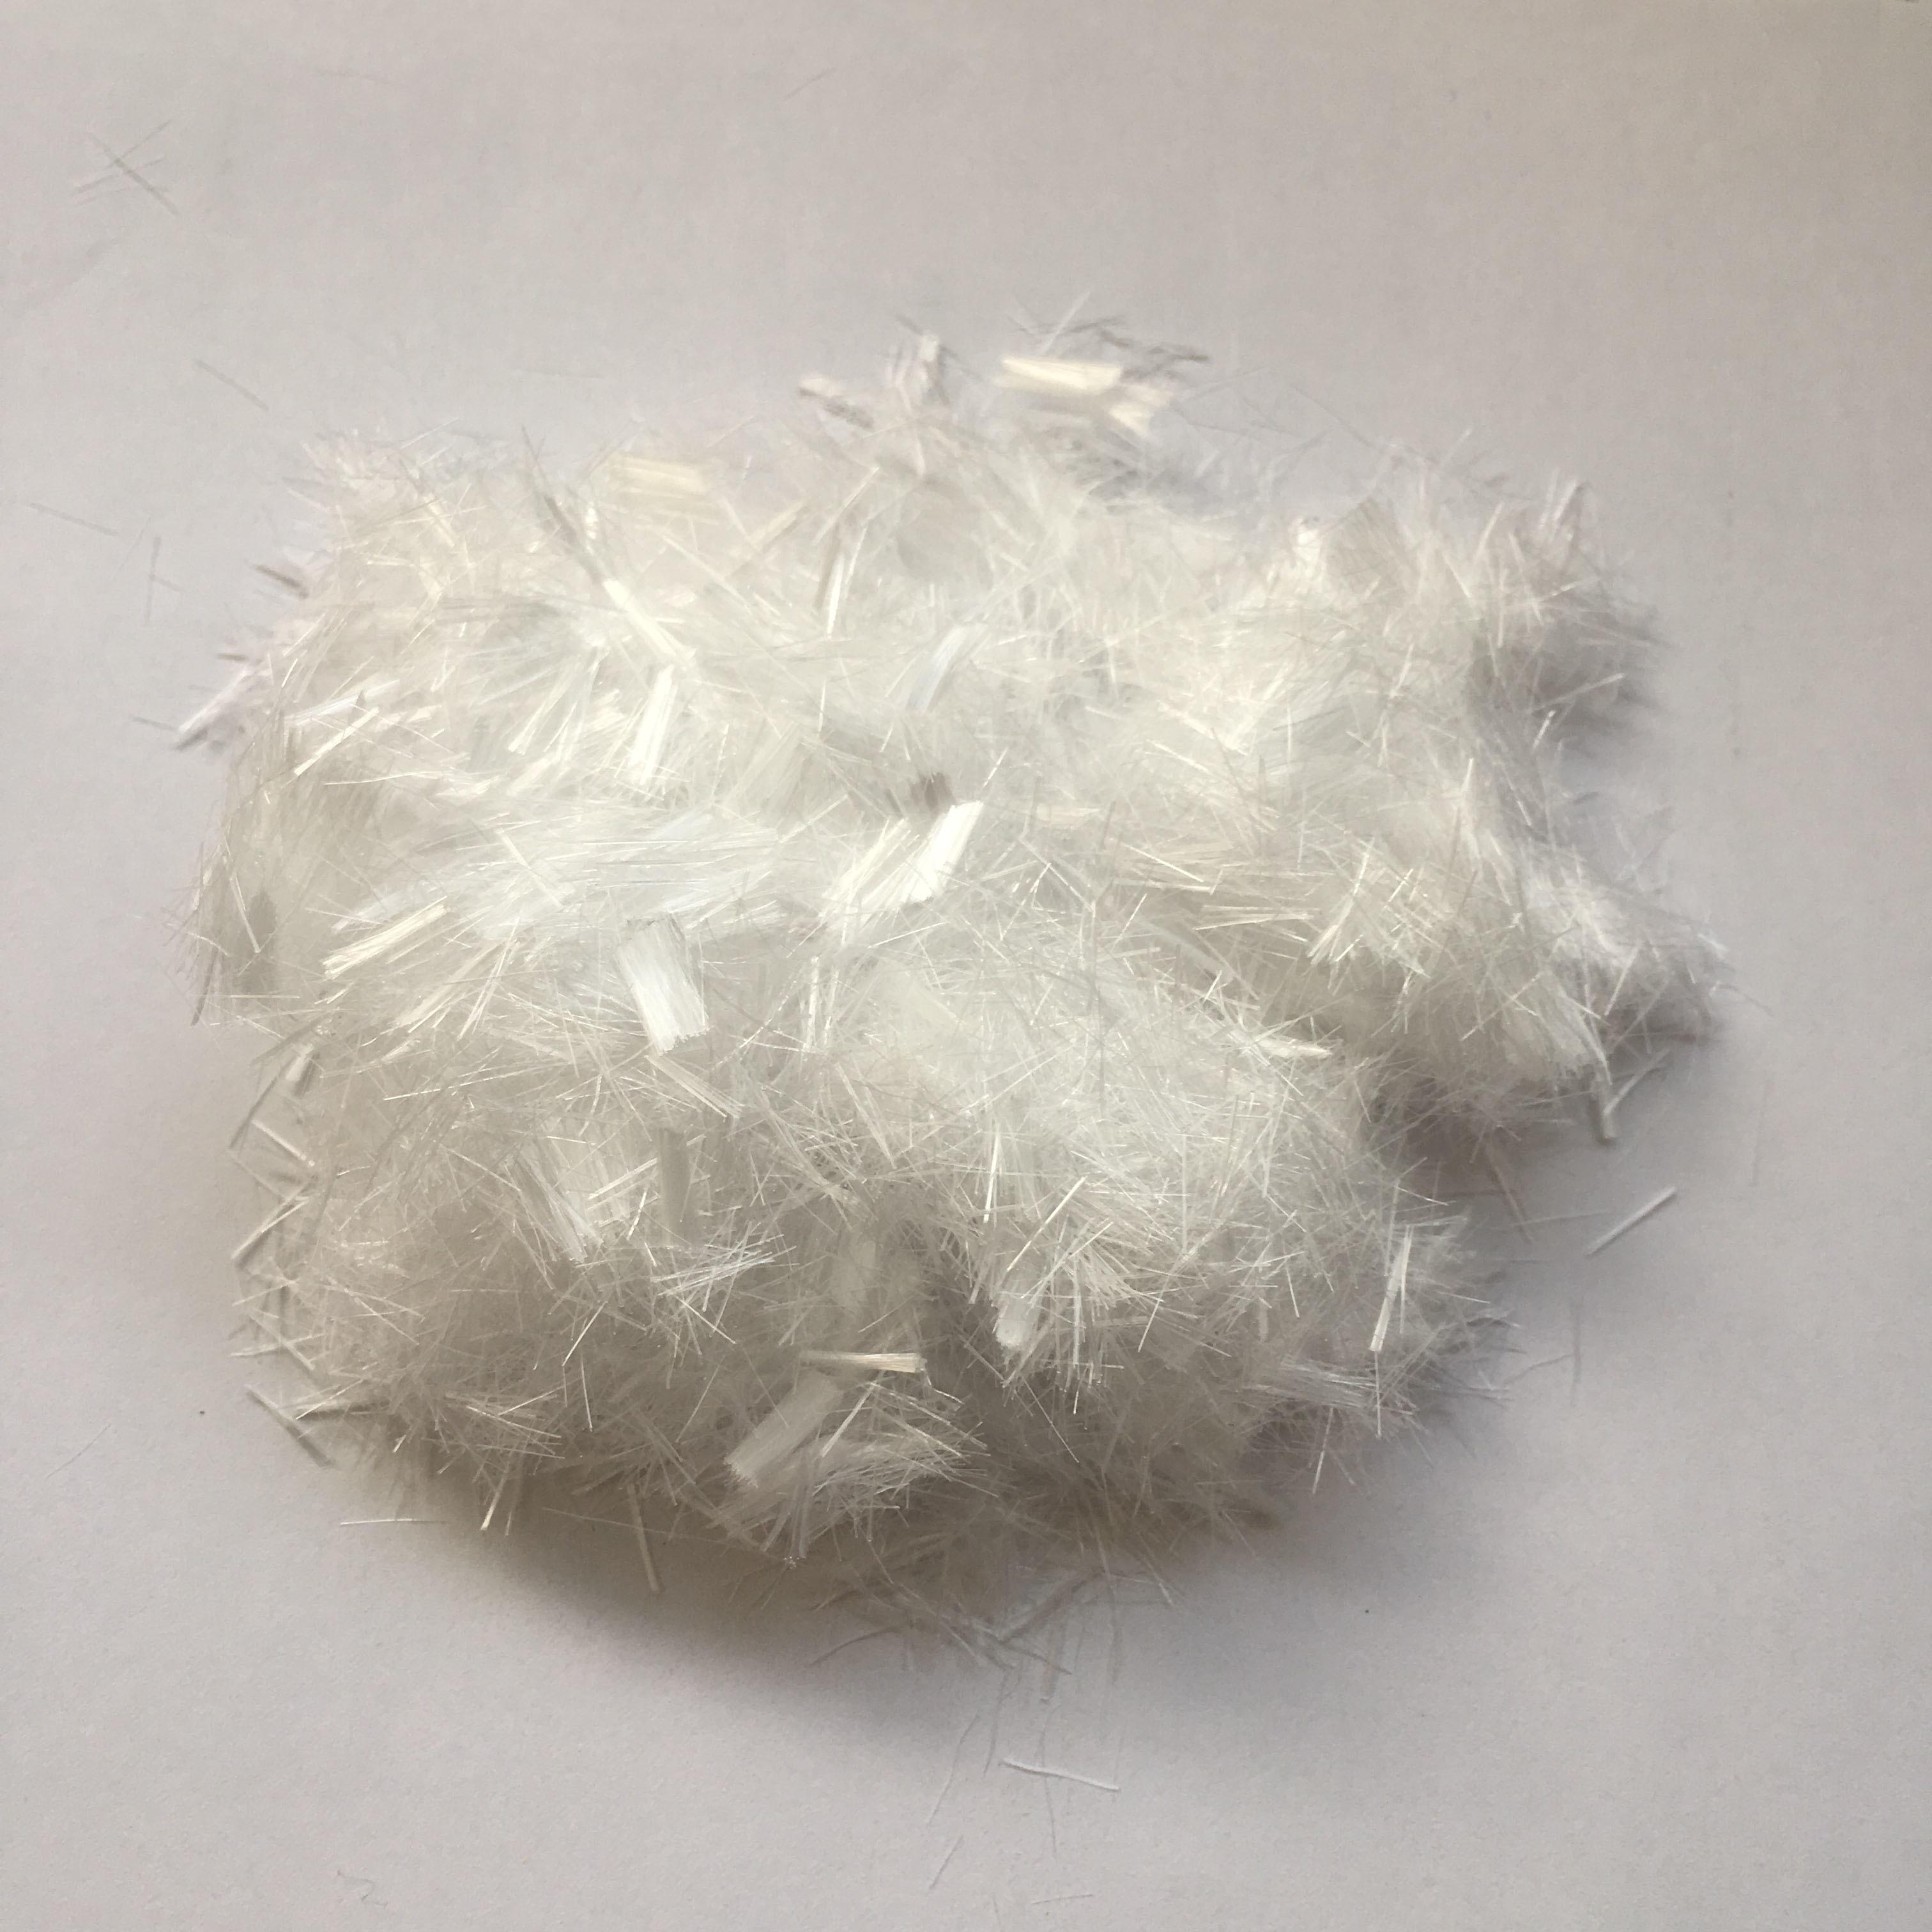 供應 聚丙烯纖維 建筑用抗裂添加劑 廠家直銷聚丙烯纖維素